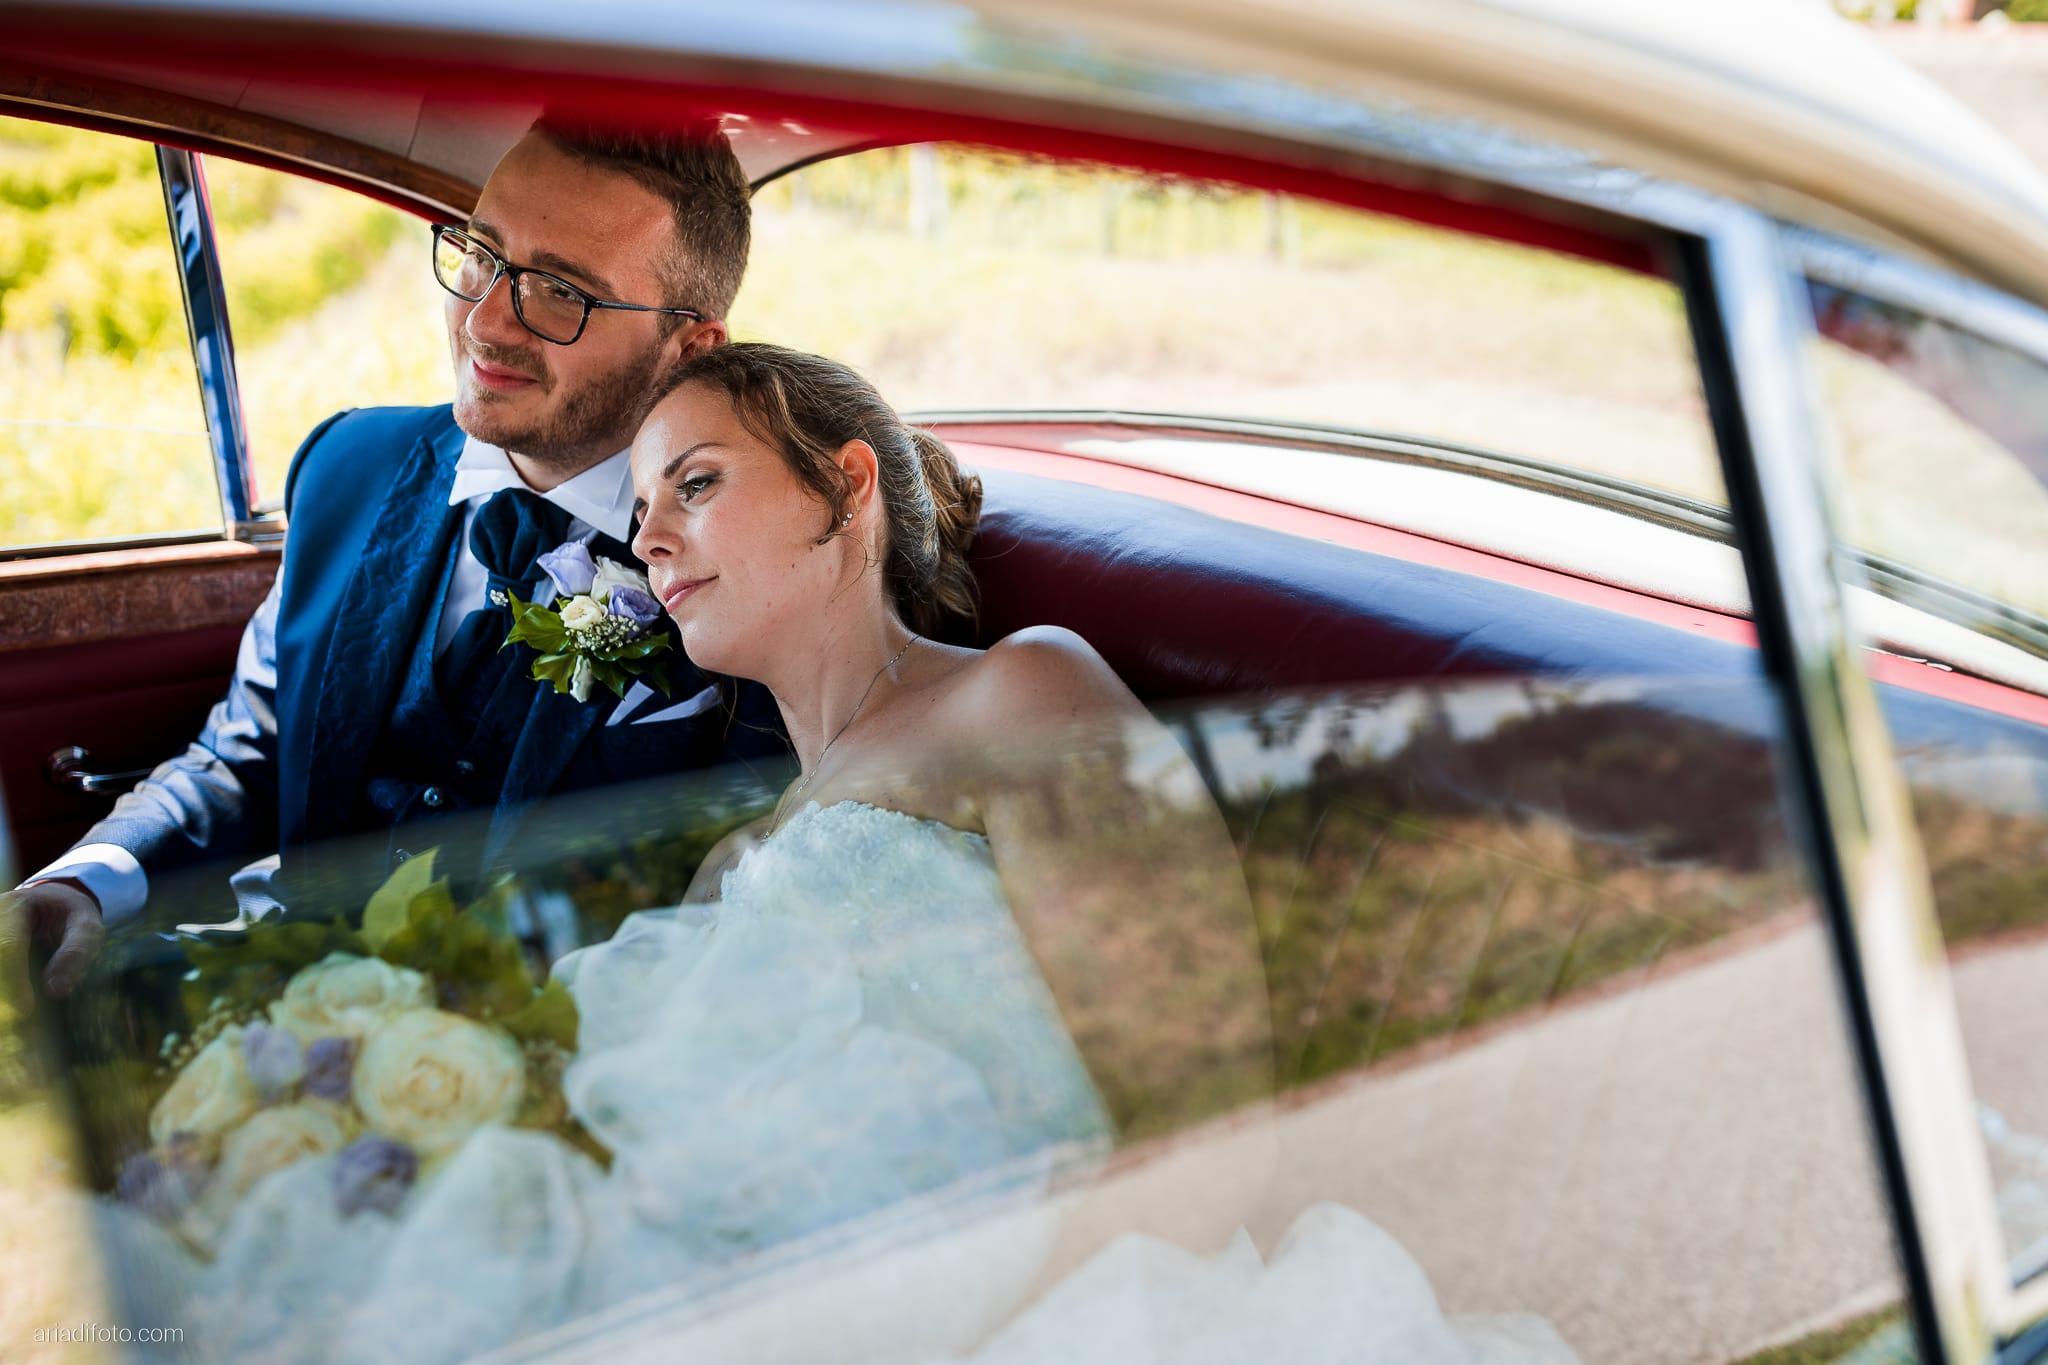 Anna Matteo Matrimonio Parco di Buttrio Udine ritratti sposi auto